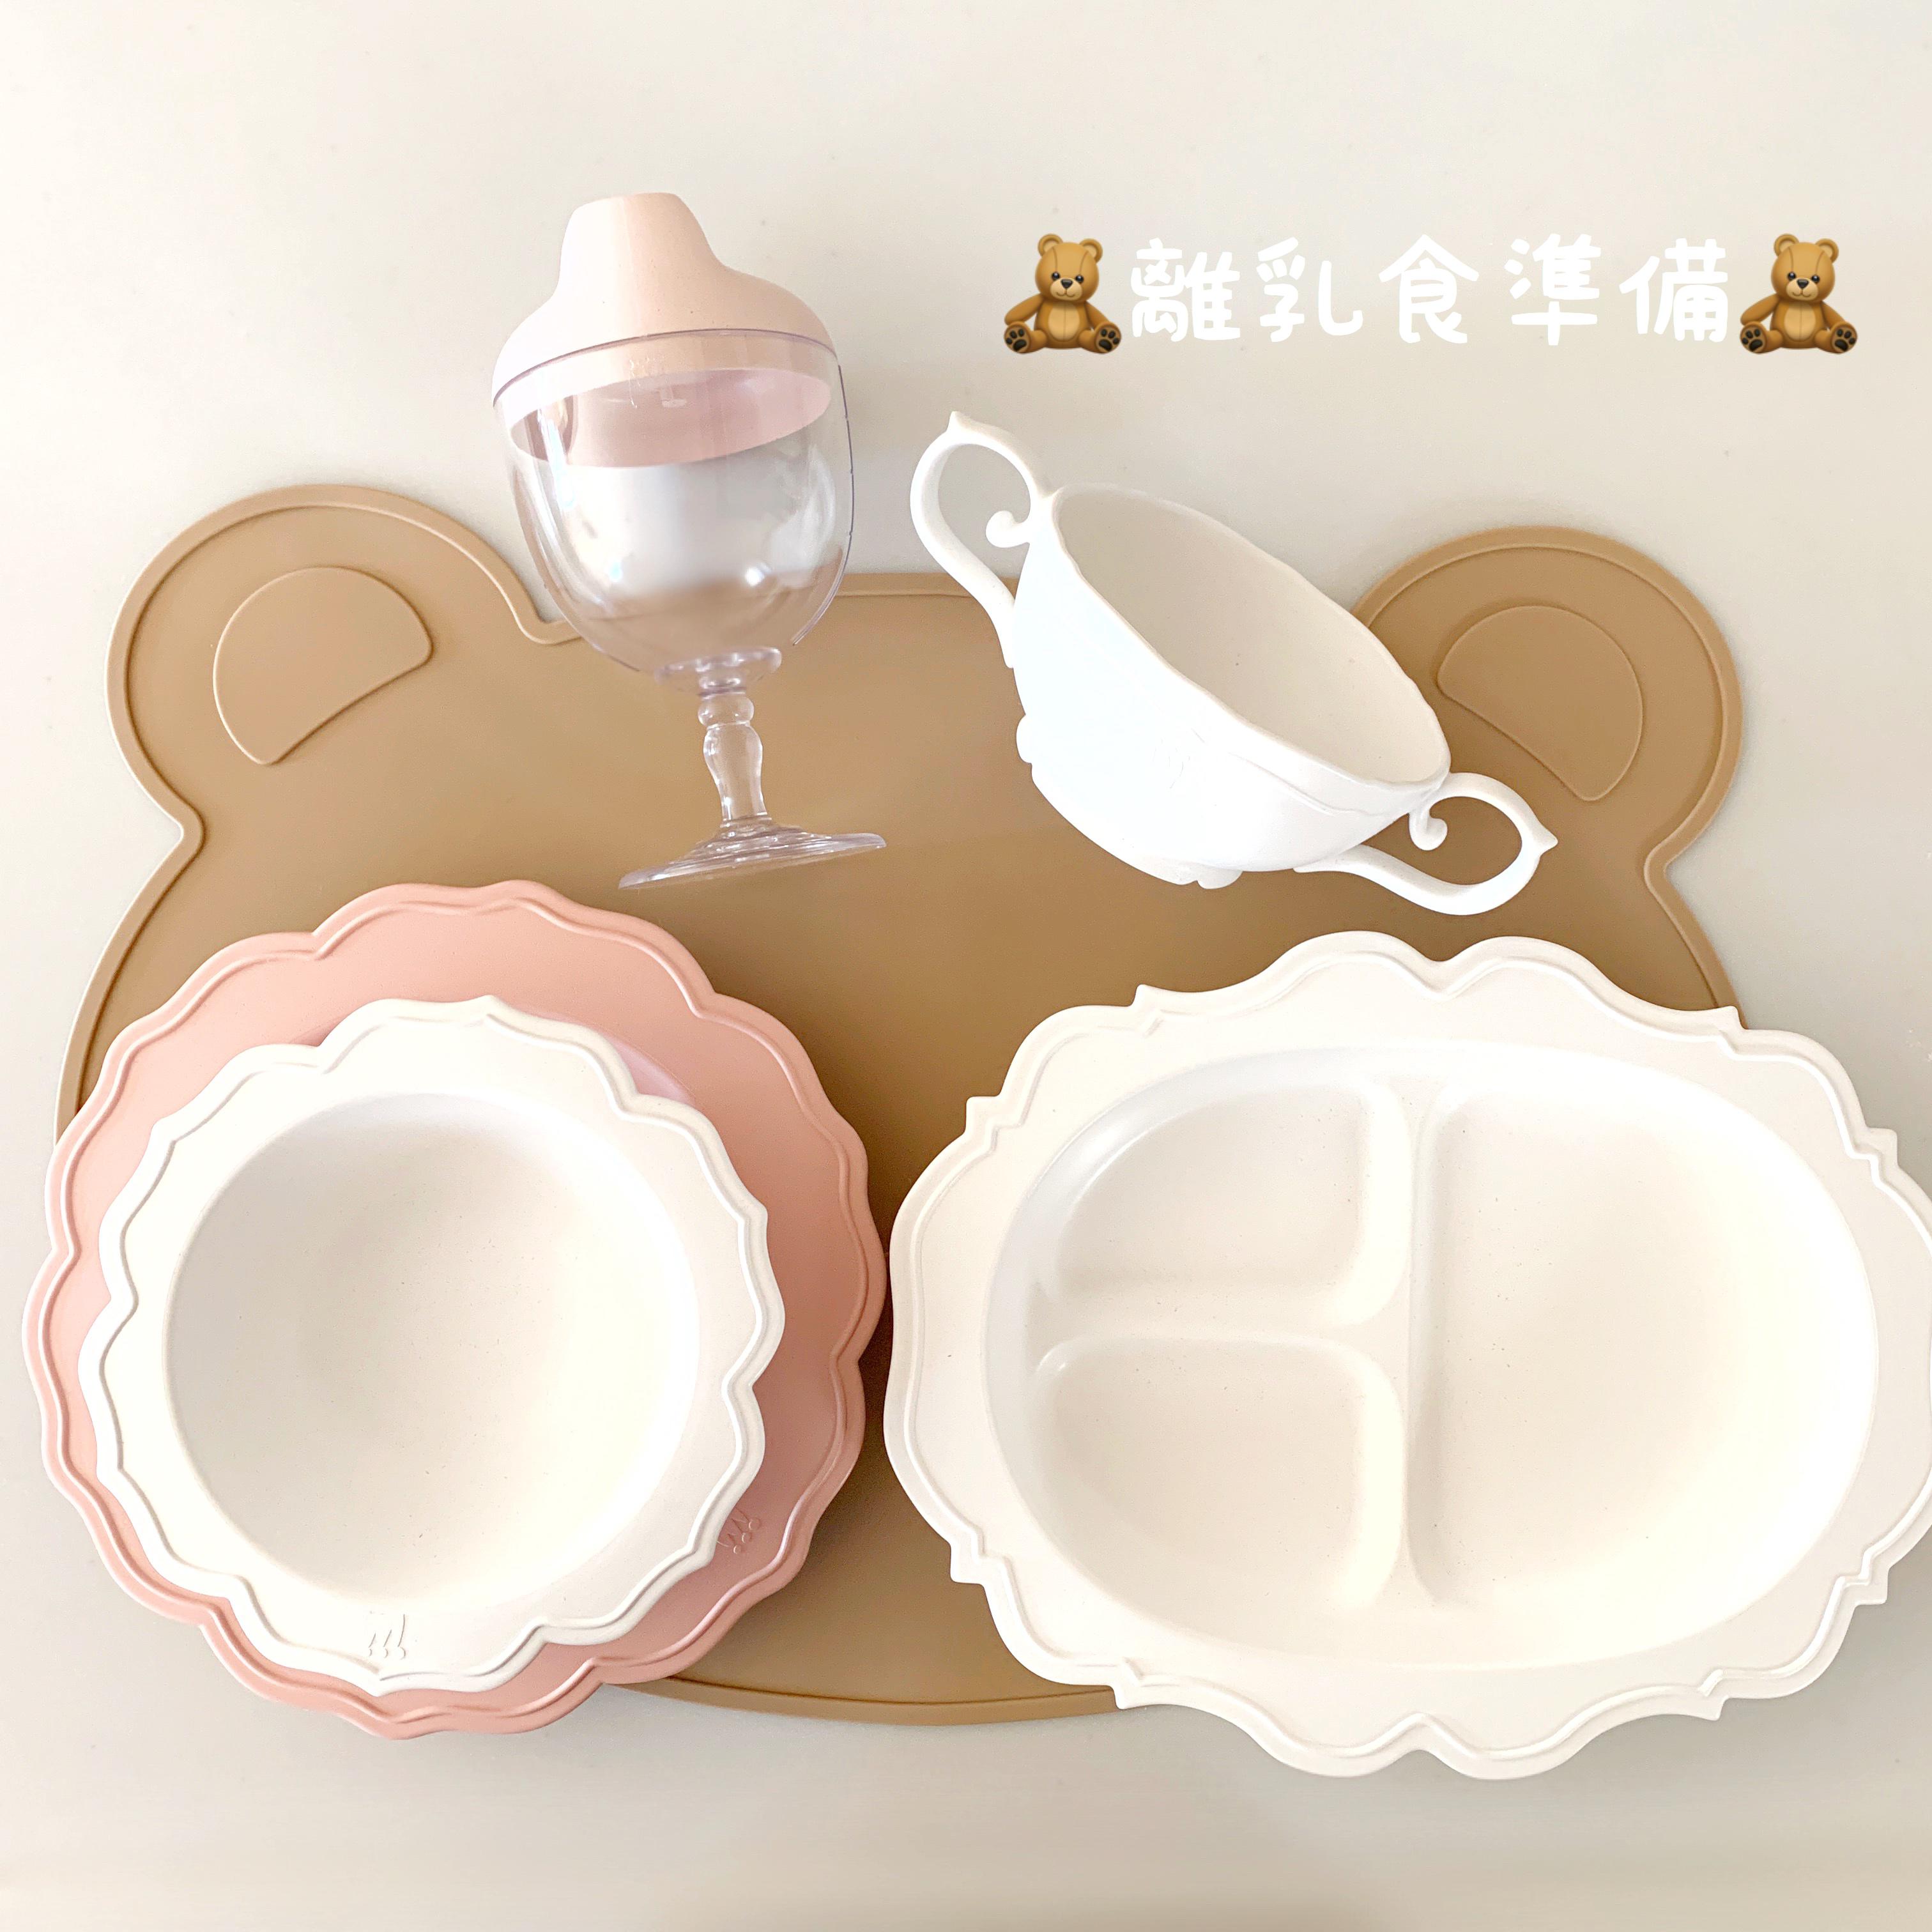 【ハワイ子育て】わくわく離乳食準備【かわいいベビー食器】